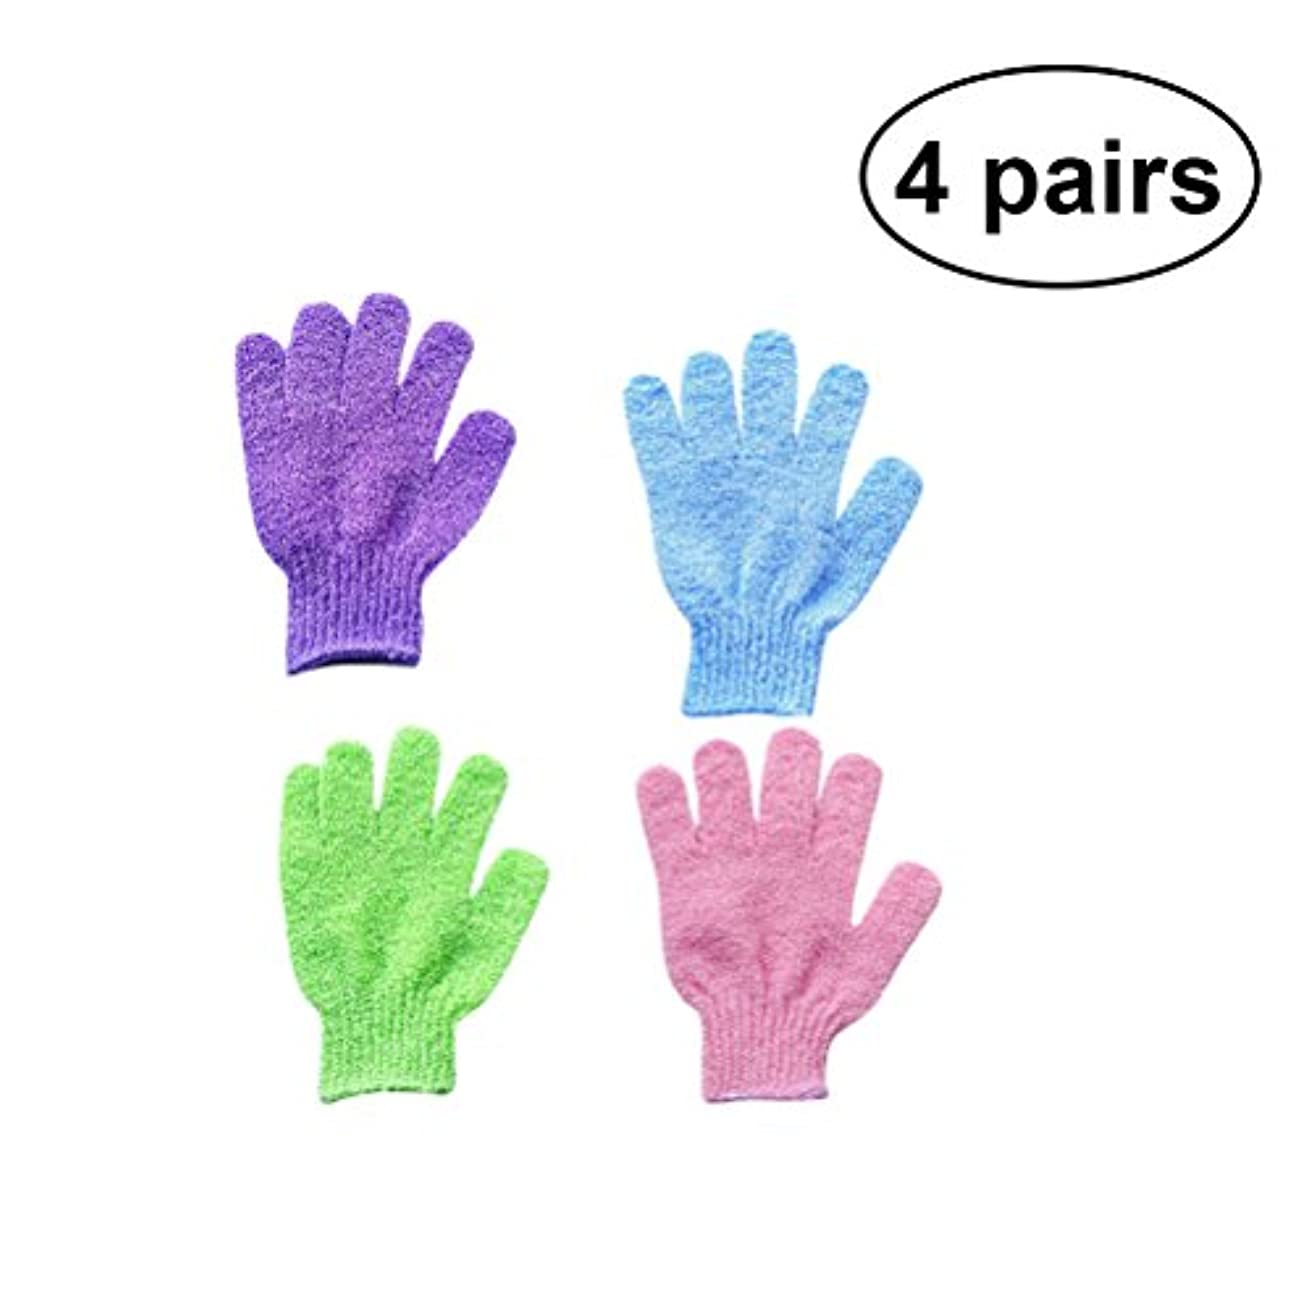 付き添い人しかしながら時期尚早Healifty 4 Pairs Exfoliating Bath Gloves Shower Mitts Exfoliating Body Spa Massage Dead Skin Cell Remover